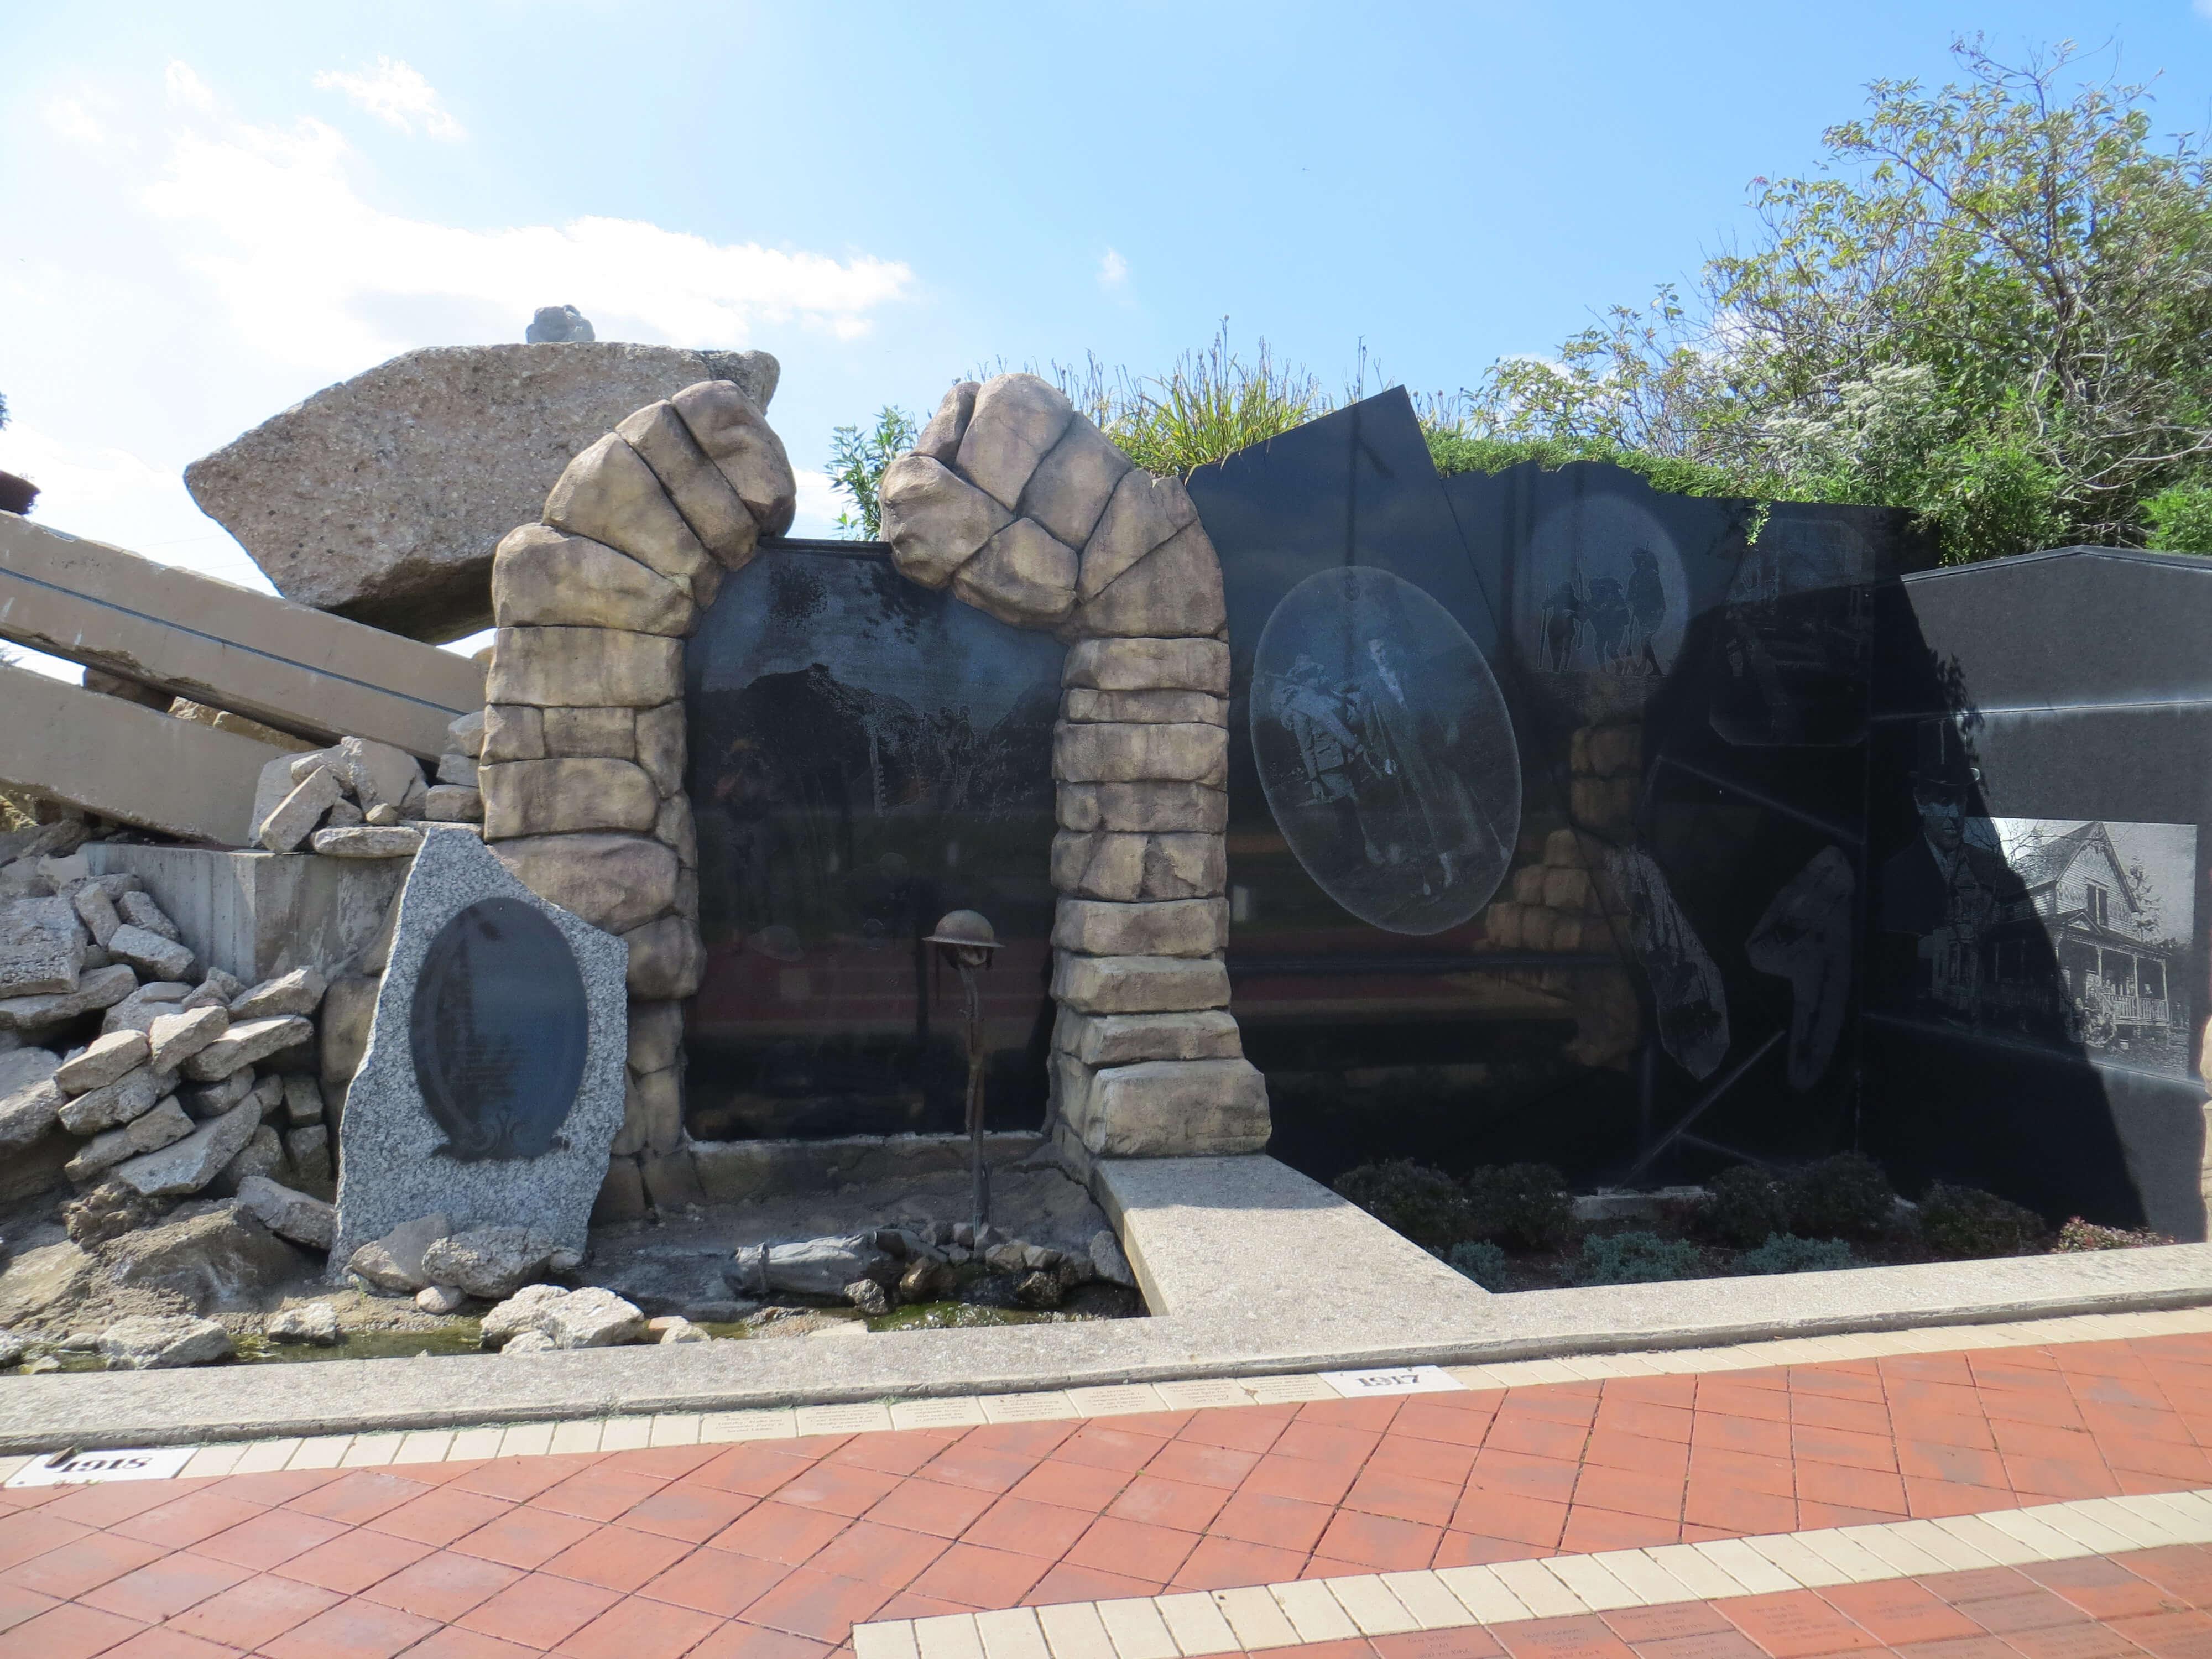 memorial park Munster IN